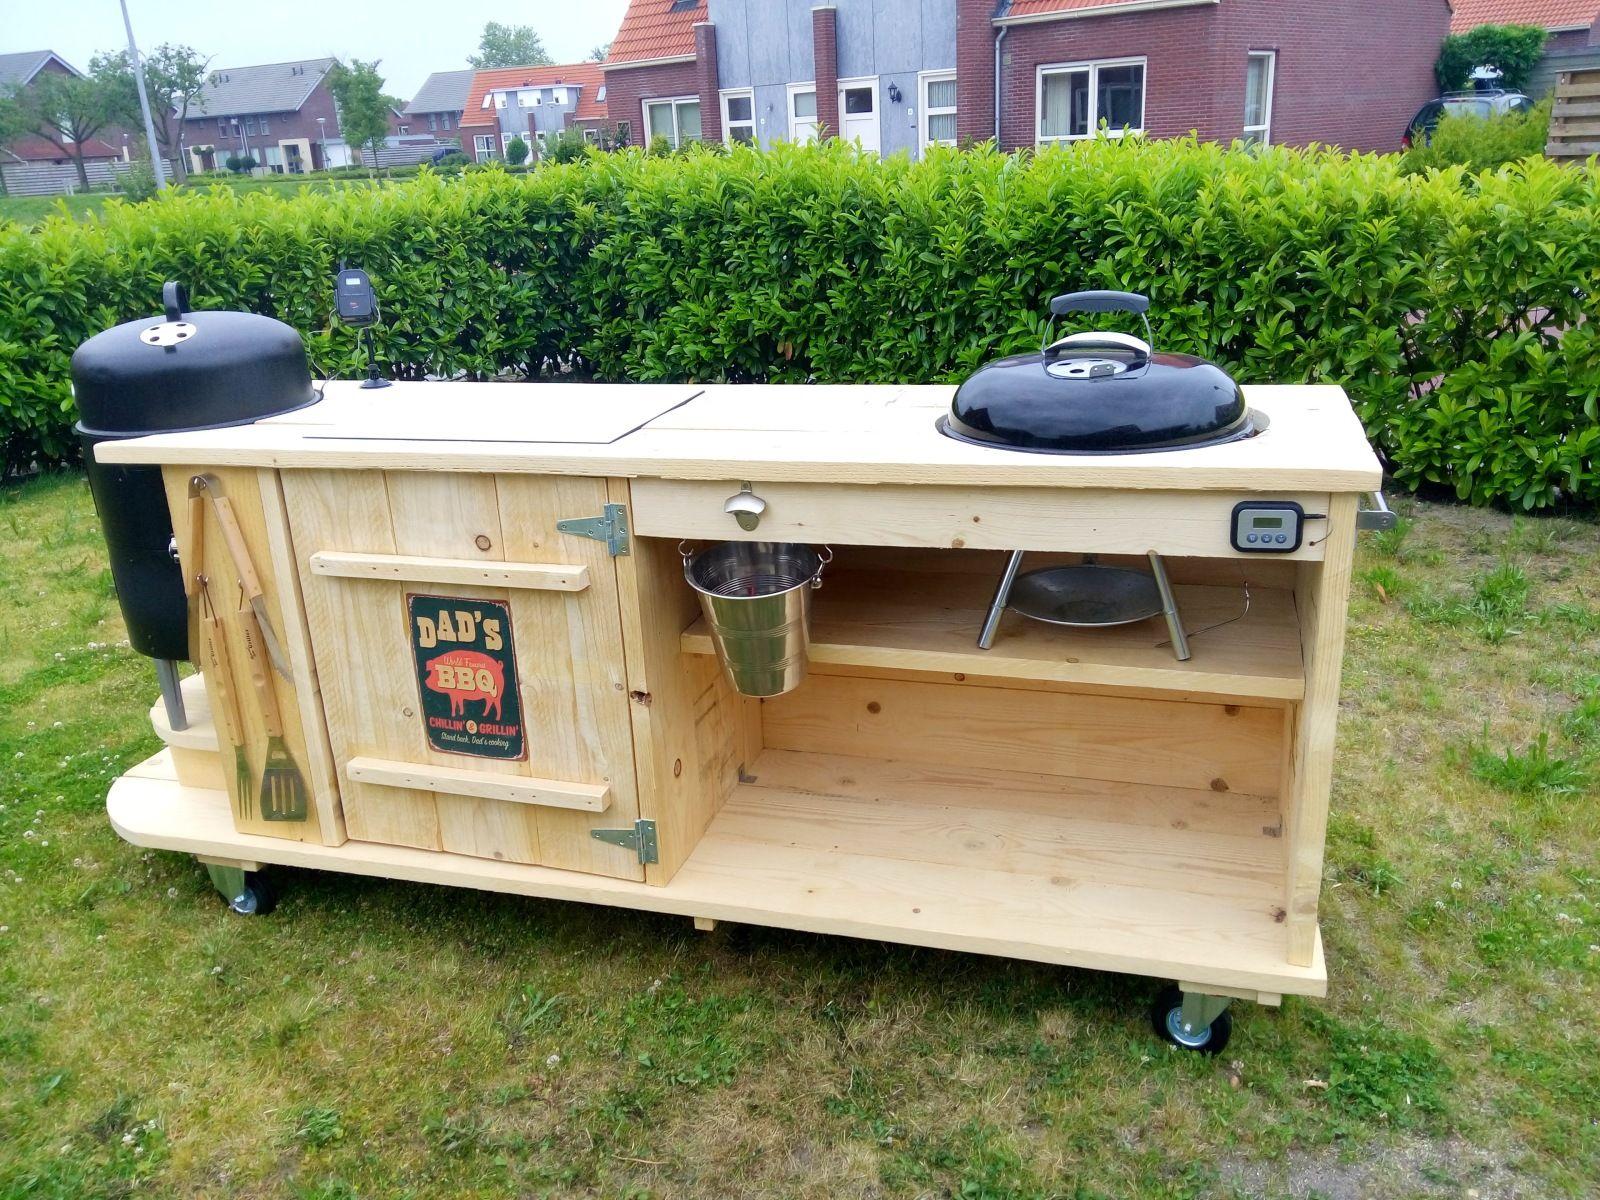 Outdoor Küche Weber 57 : Outdoor küche weber 57 hängende outdoor küche grillforum und bbq www